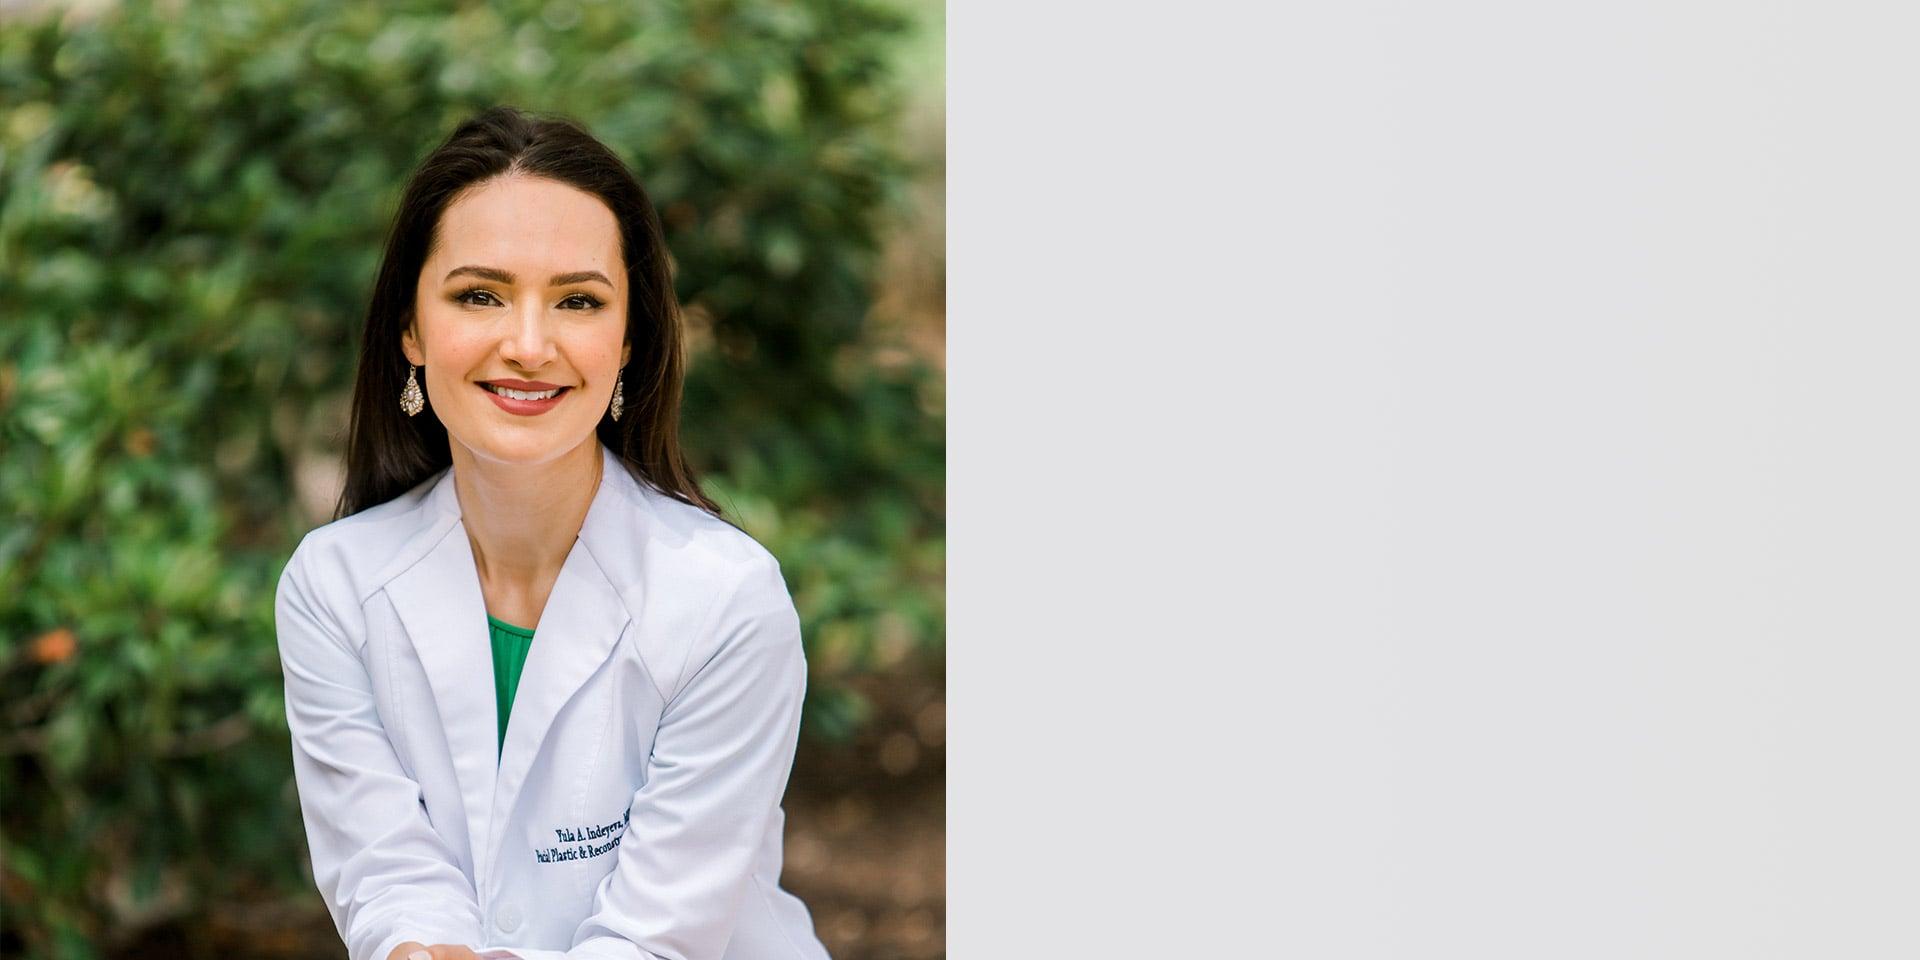 Dr. Yula Indeyeva